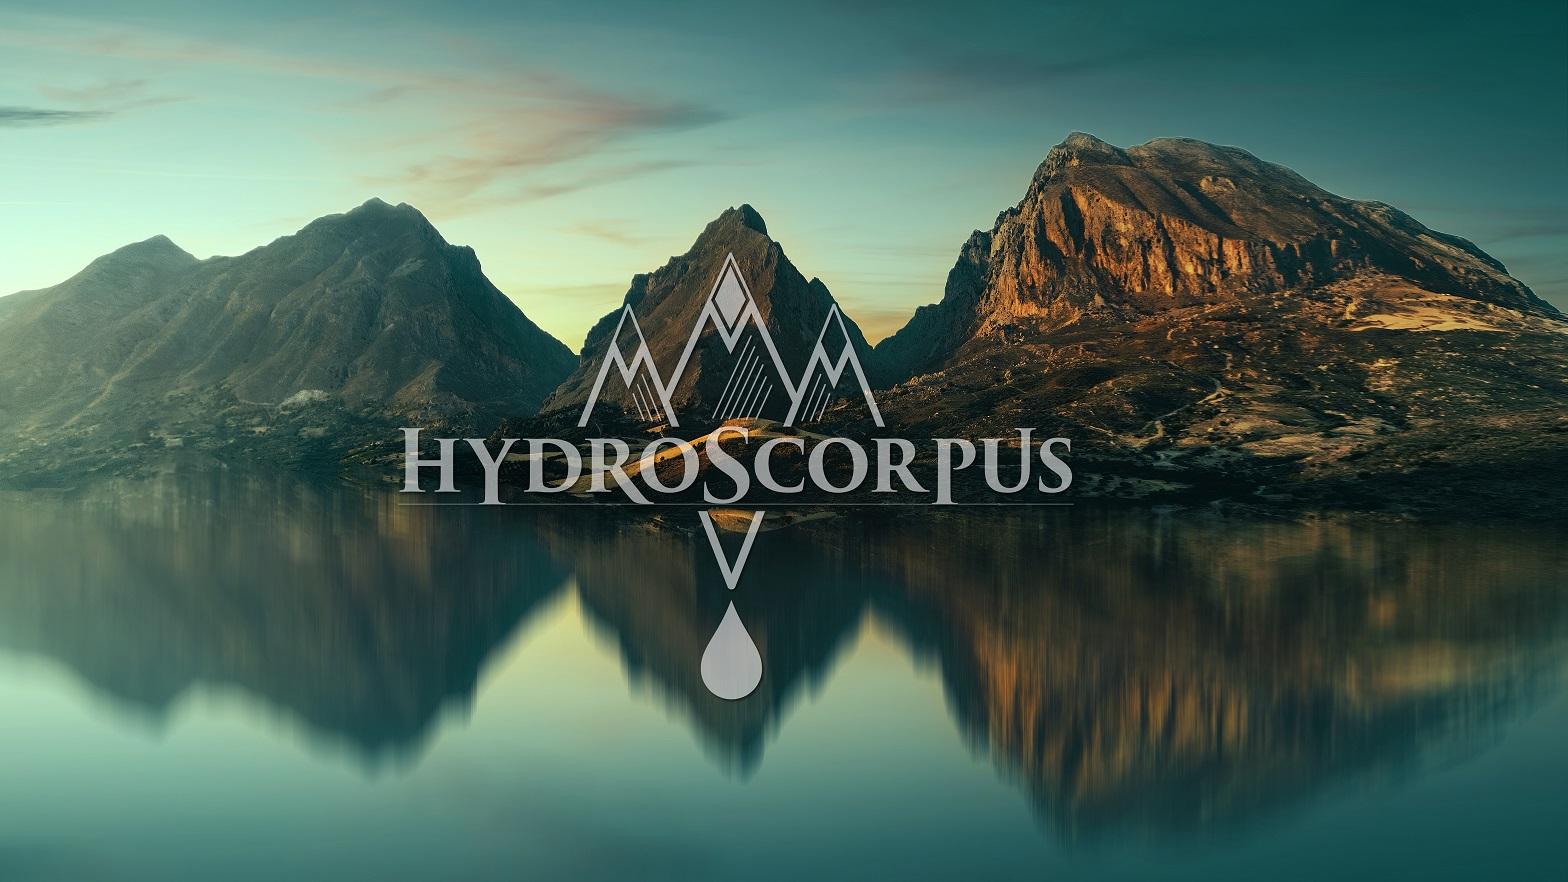 Hydroscorpus